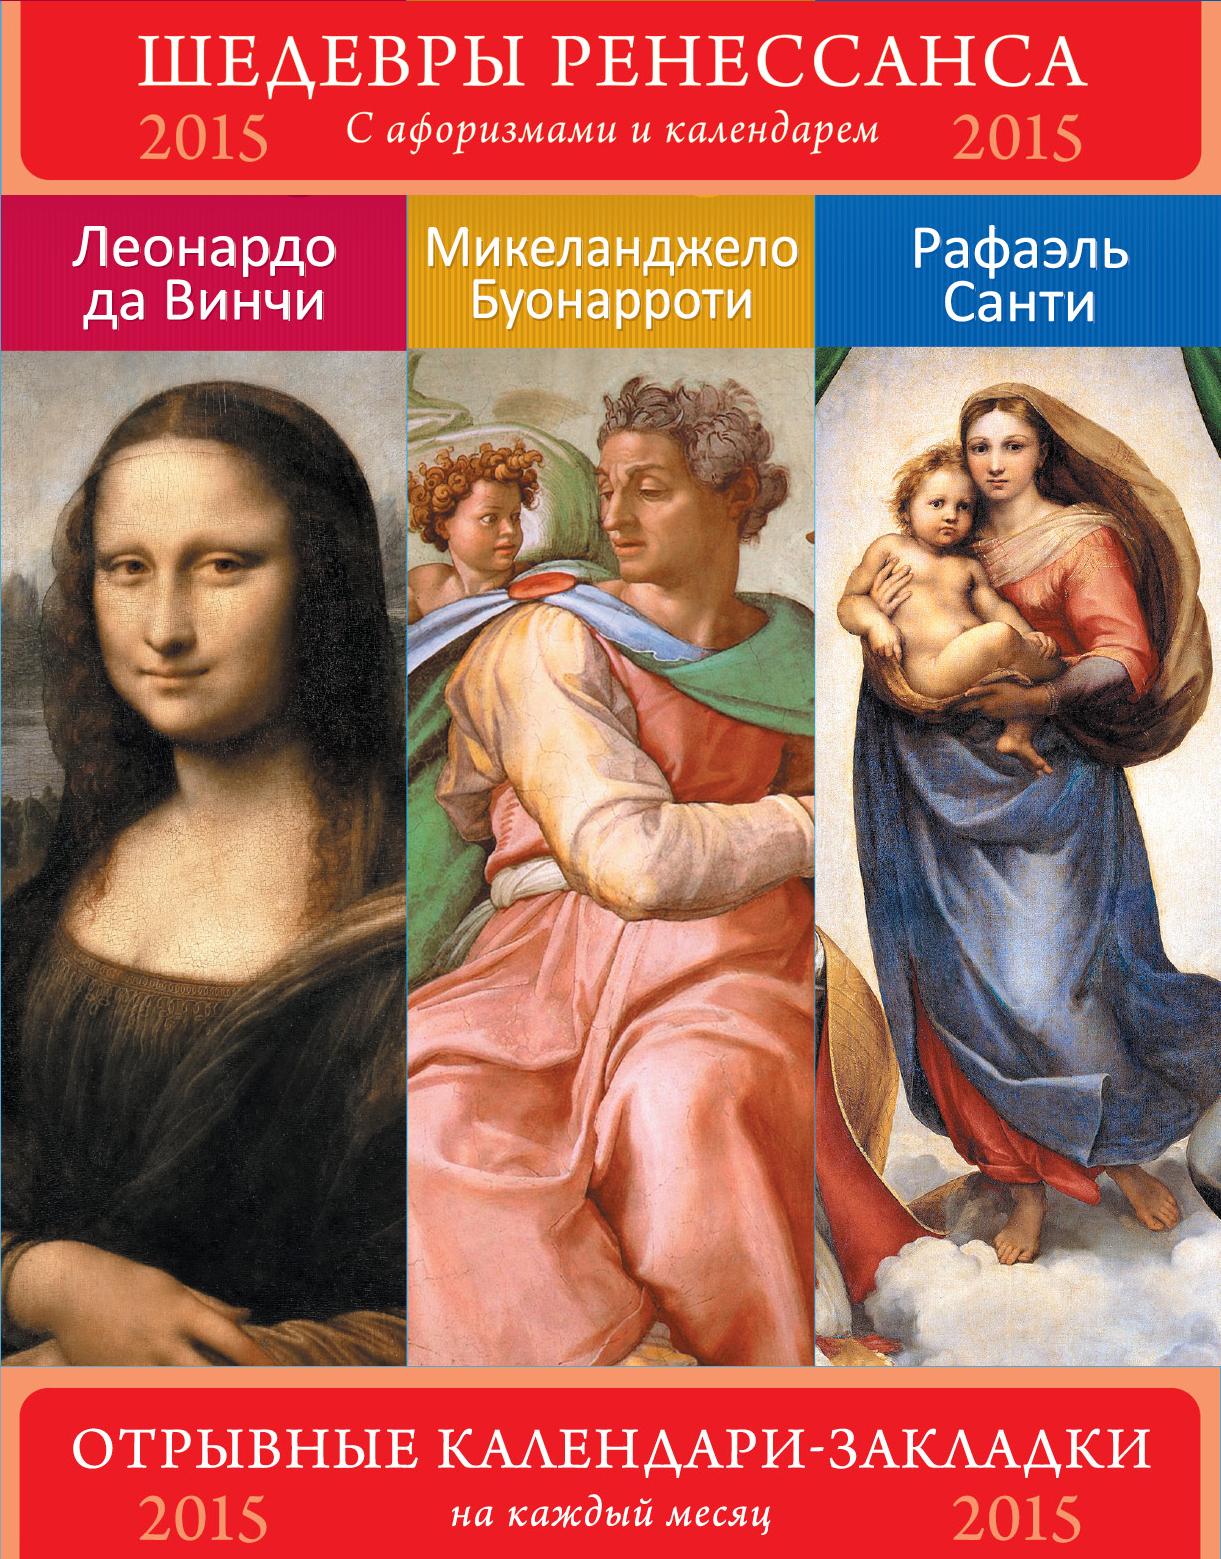 Шедевры Ренессанса. Леонрадо. Рафаэль. Микеланджело. Сет из 3-х календариков-закладок с афоризмами